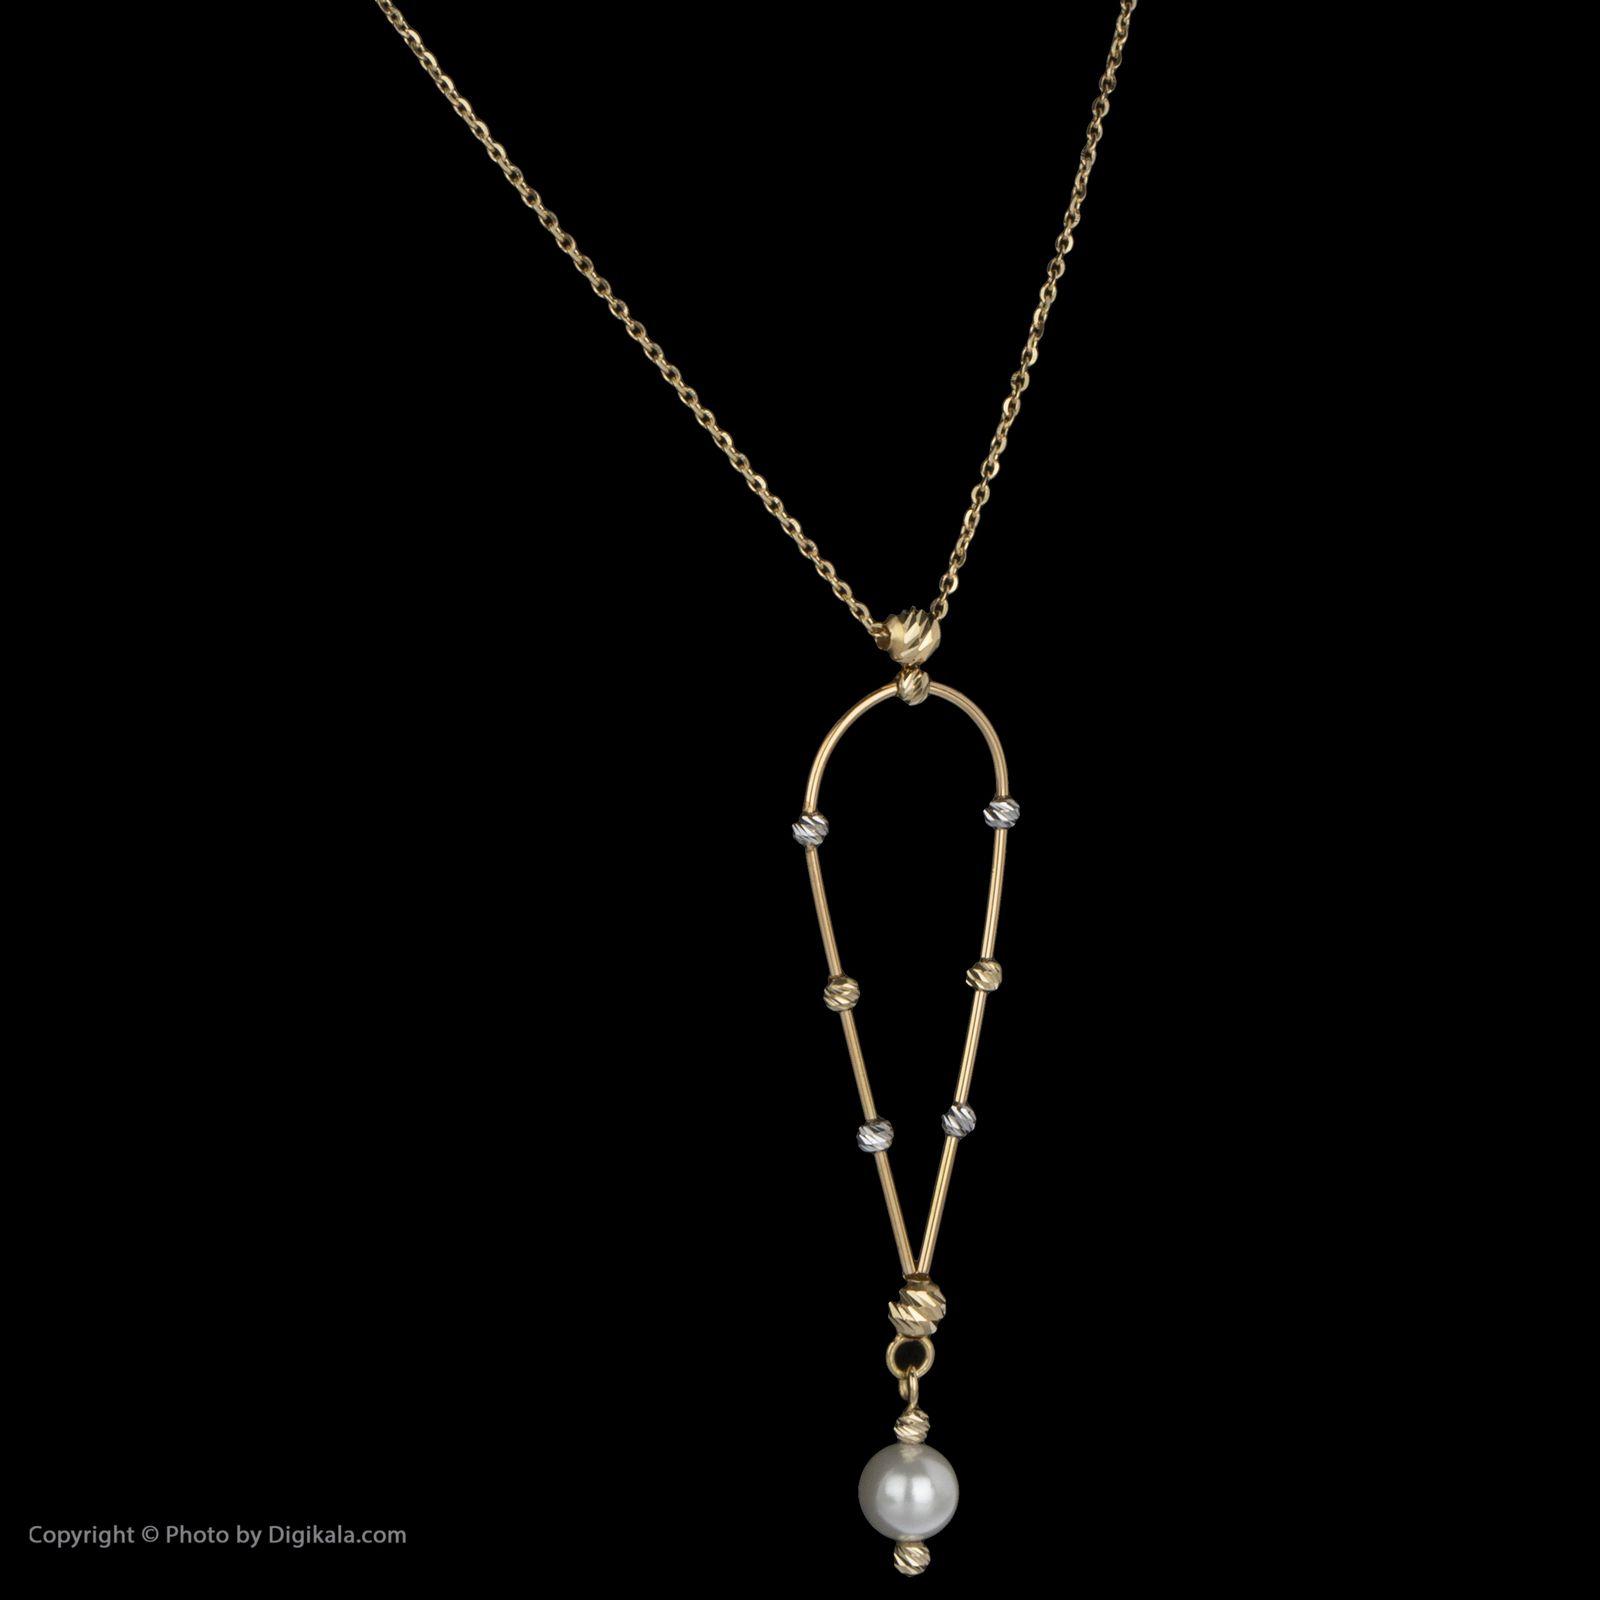 گردنبند طلا 18 عیار زنانه سیودو مدل 163956 -  - 4